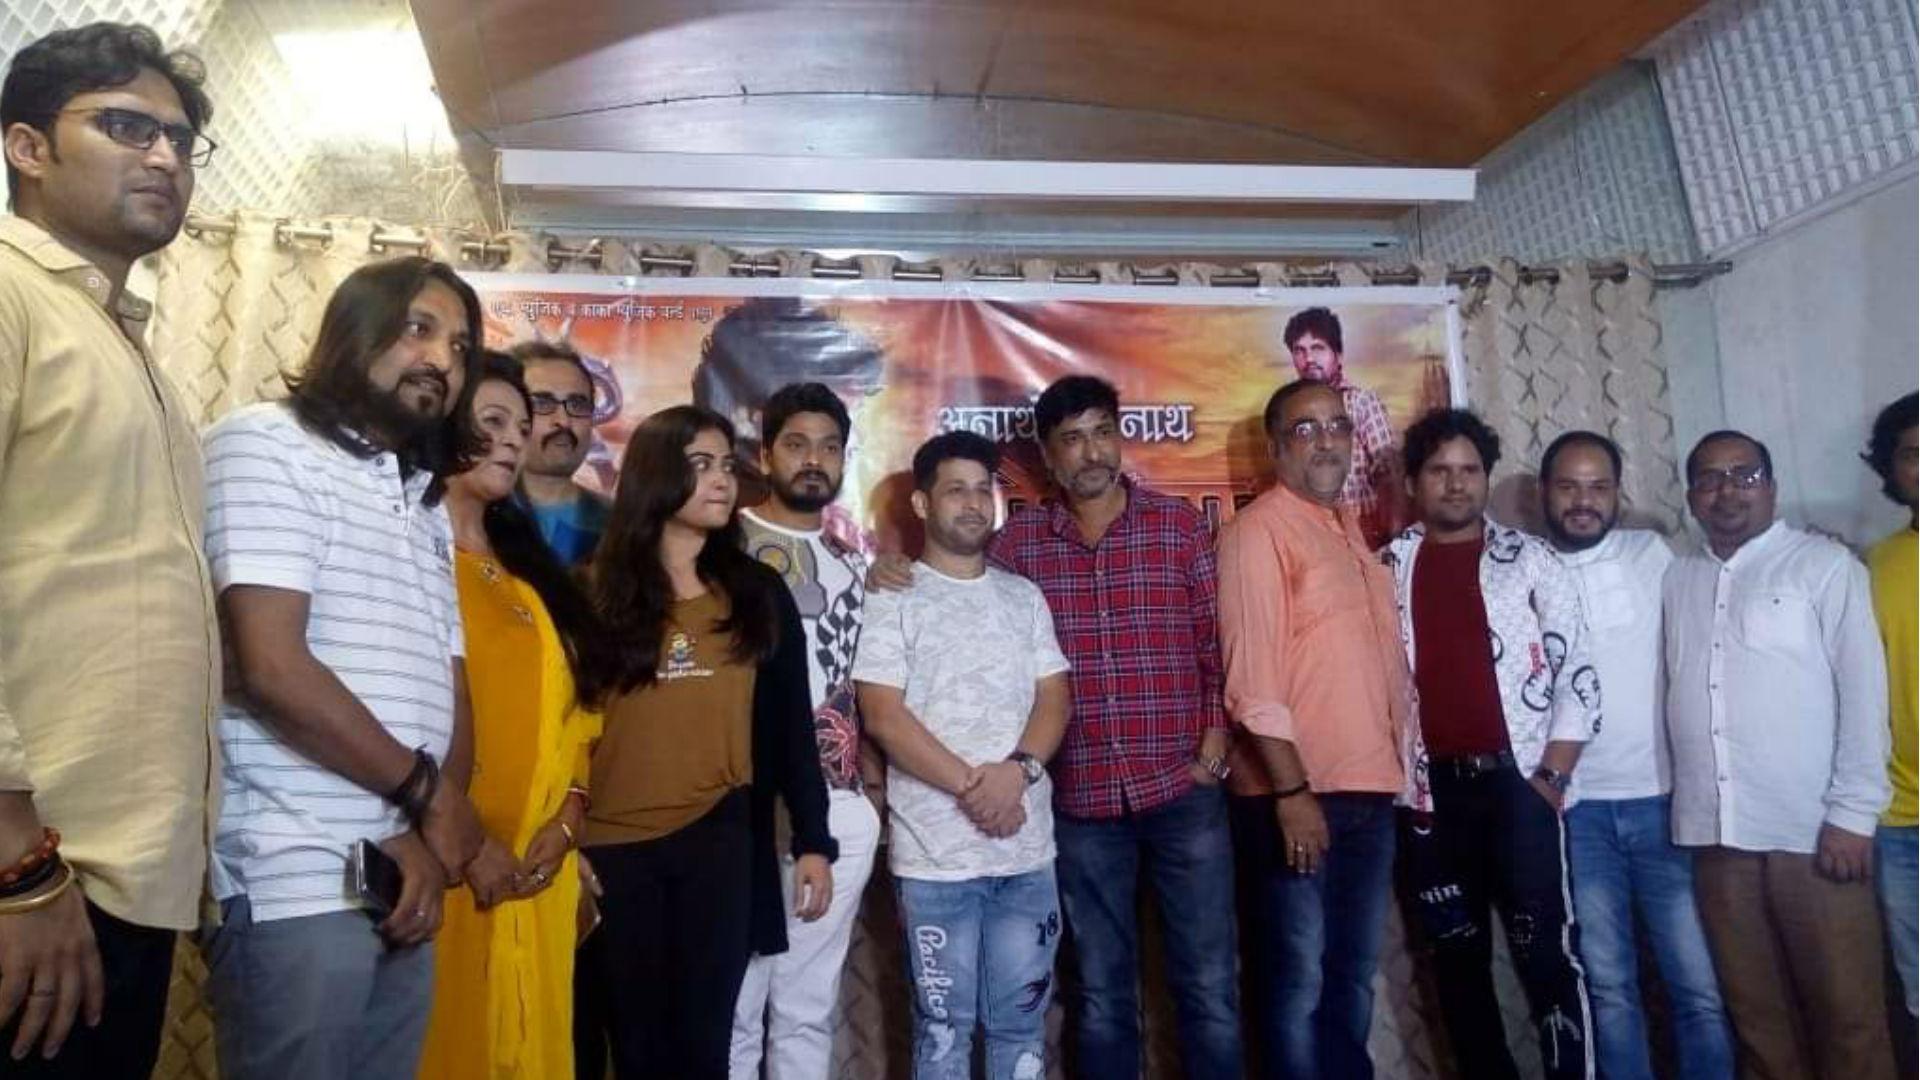 भोजपुरी फिल्म अनाथों के नाथ भोलेनाथ से बड़े पर्दे पर होगी छोटू छलिया की वापसी, मुंबई में लॉन्च हुआ पोस्टर